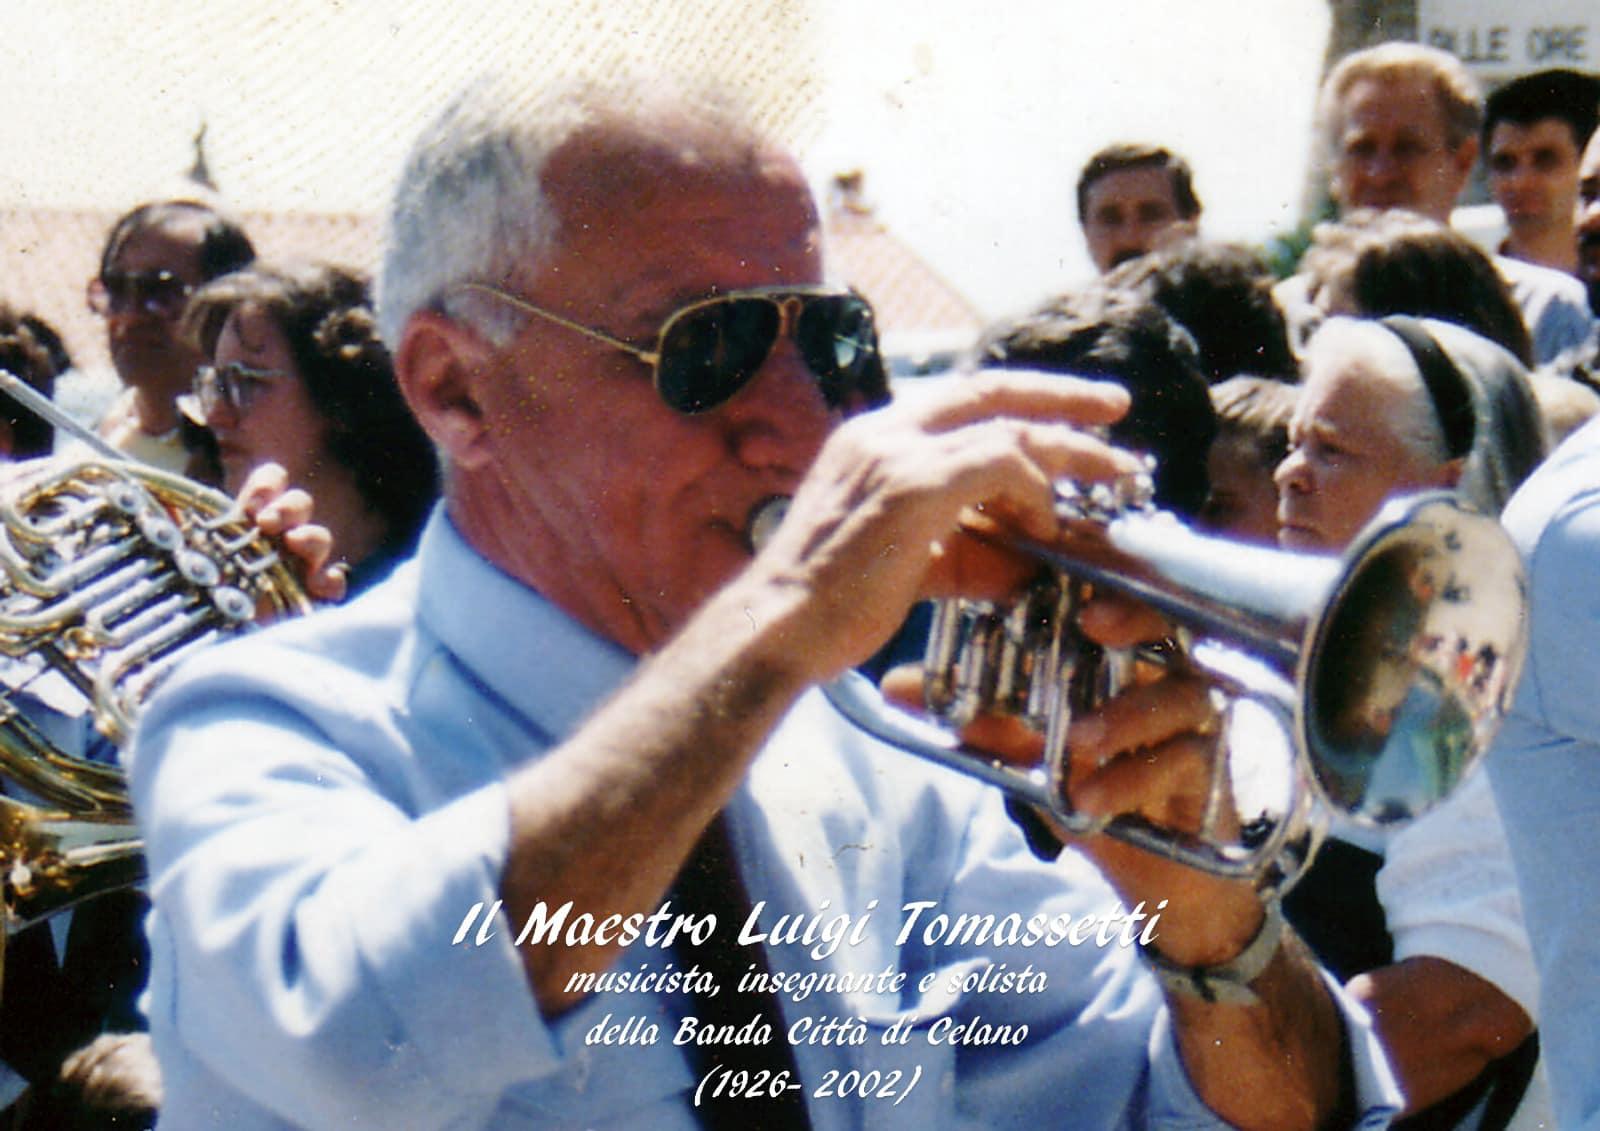 """Celano, al via all'inaugurazione della nuova scuola di musica, Santilli: """" Sarà intitolata a Luigi Tomassetti, solista e storico insegnante della banda di Celano"""""""